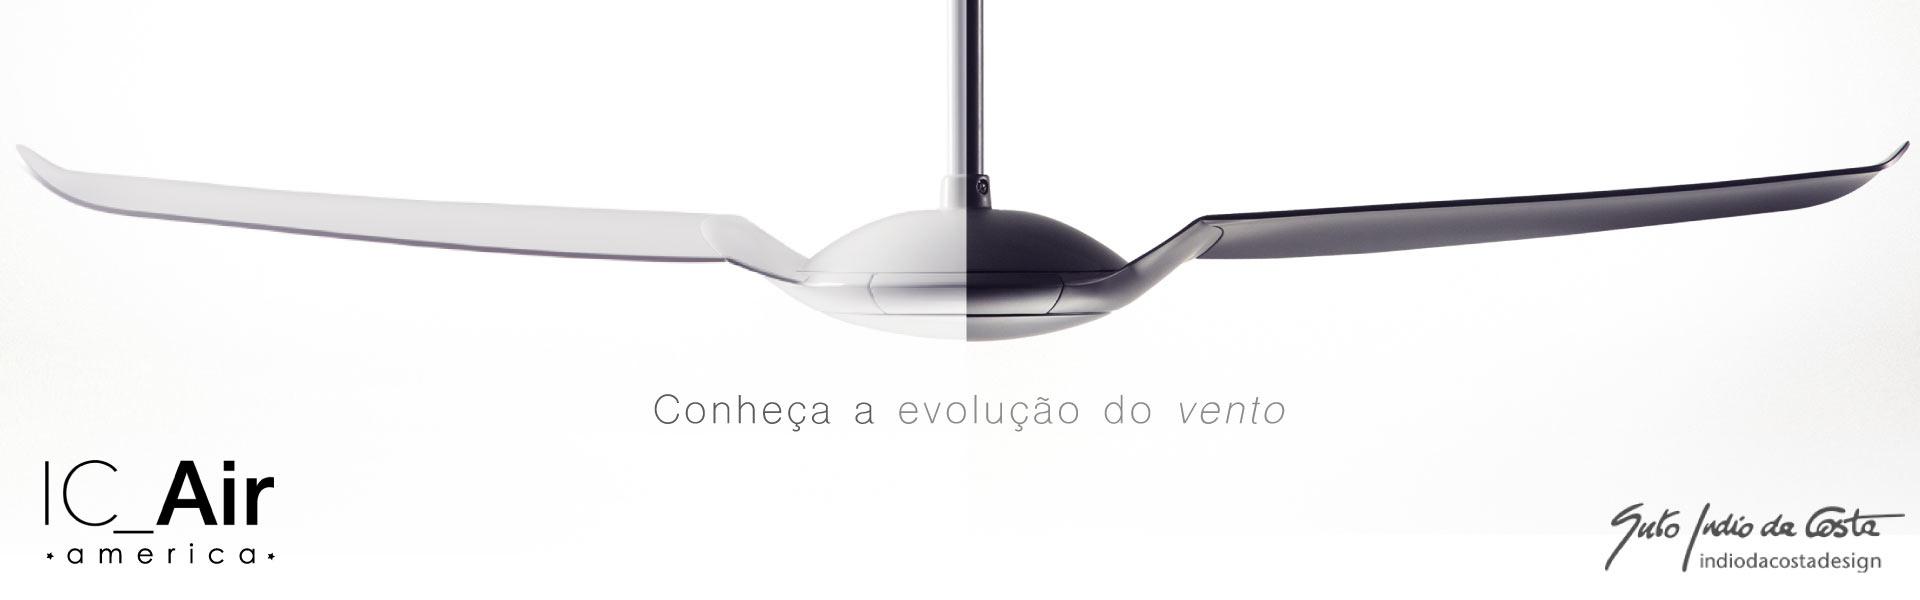 IC-AIR - America: Um Novo Conceito em Ventilação no Brasil